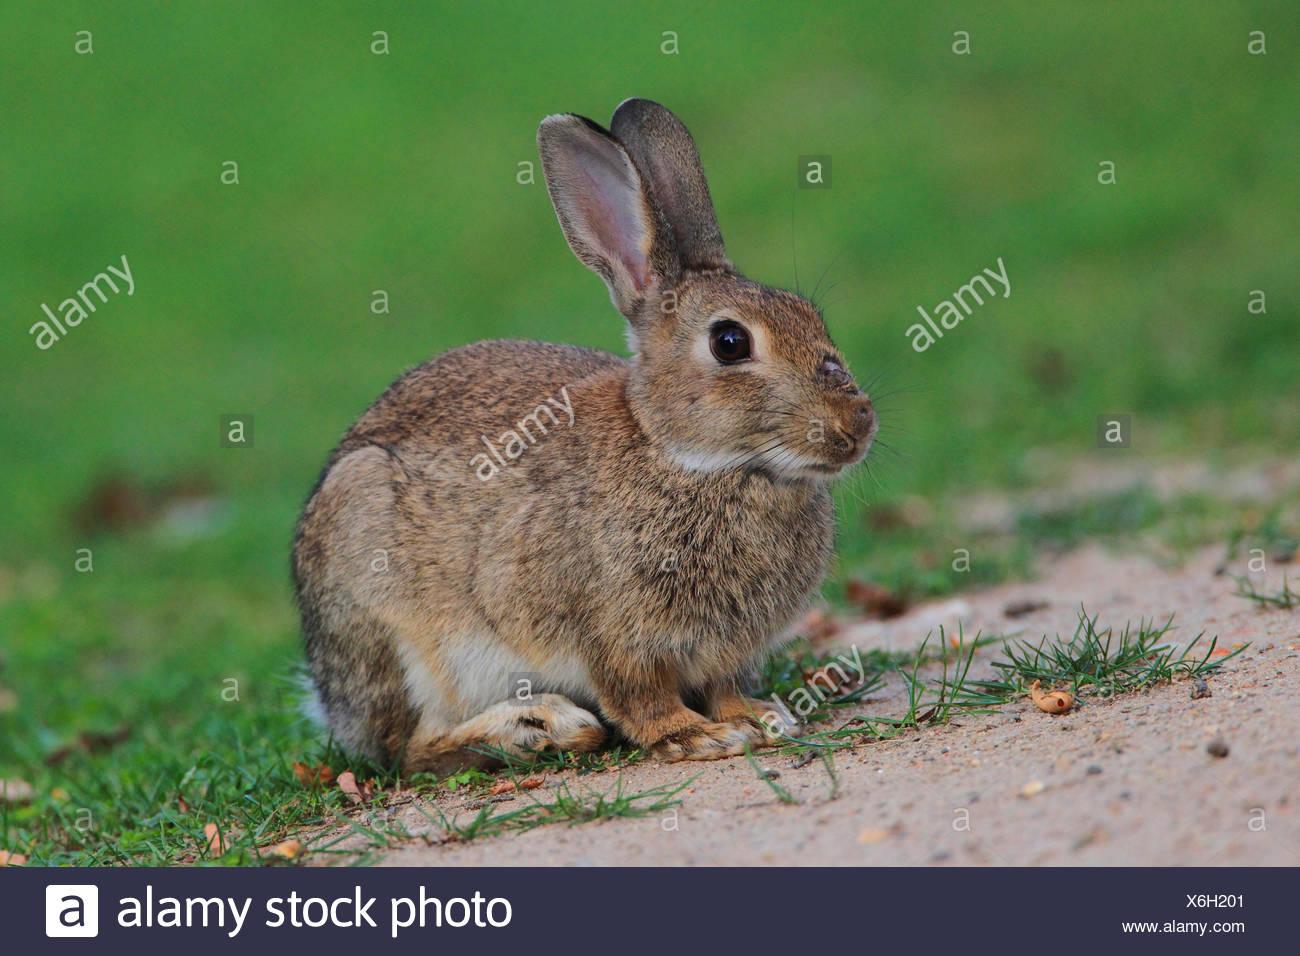 Lapin de garenne (Oryctolagus cuniculus), lapin sauvage assis dans un pré, Allemagne Banque D'Images